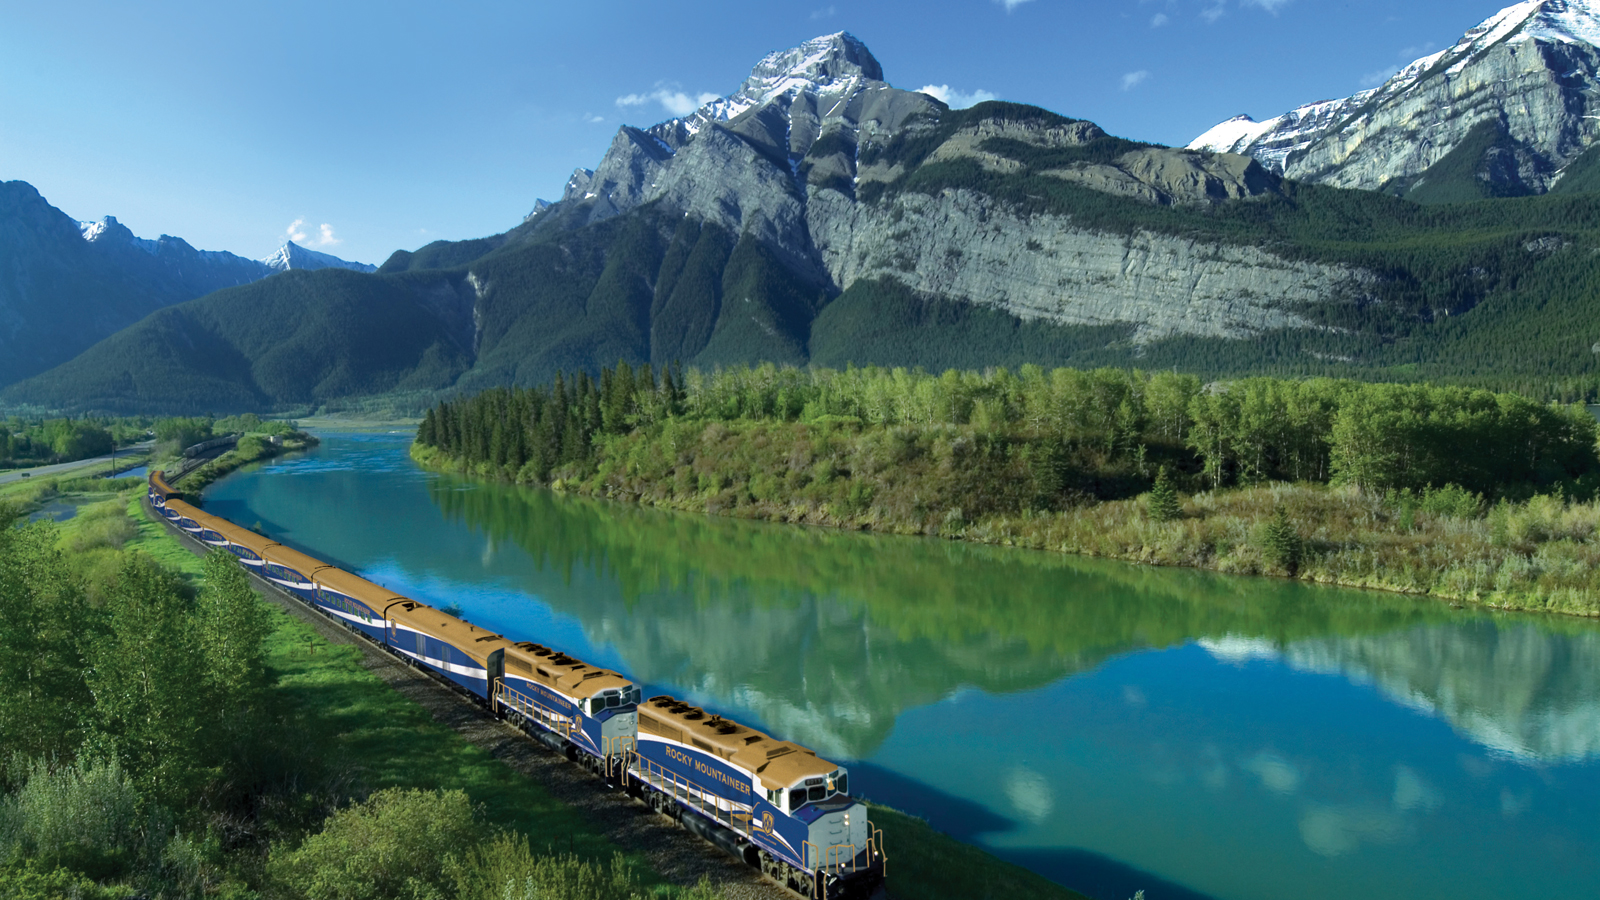 Das Beste von Kanadas Westküste Gruppenreise für junge Leute traveljunkies